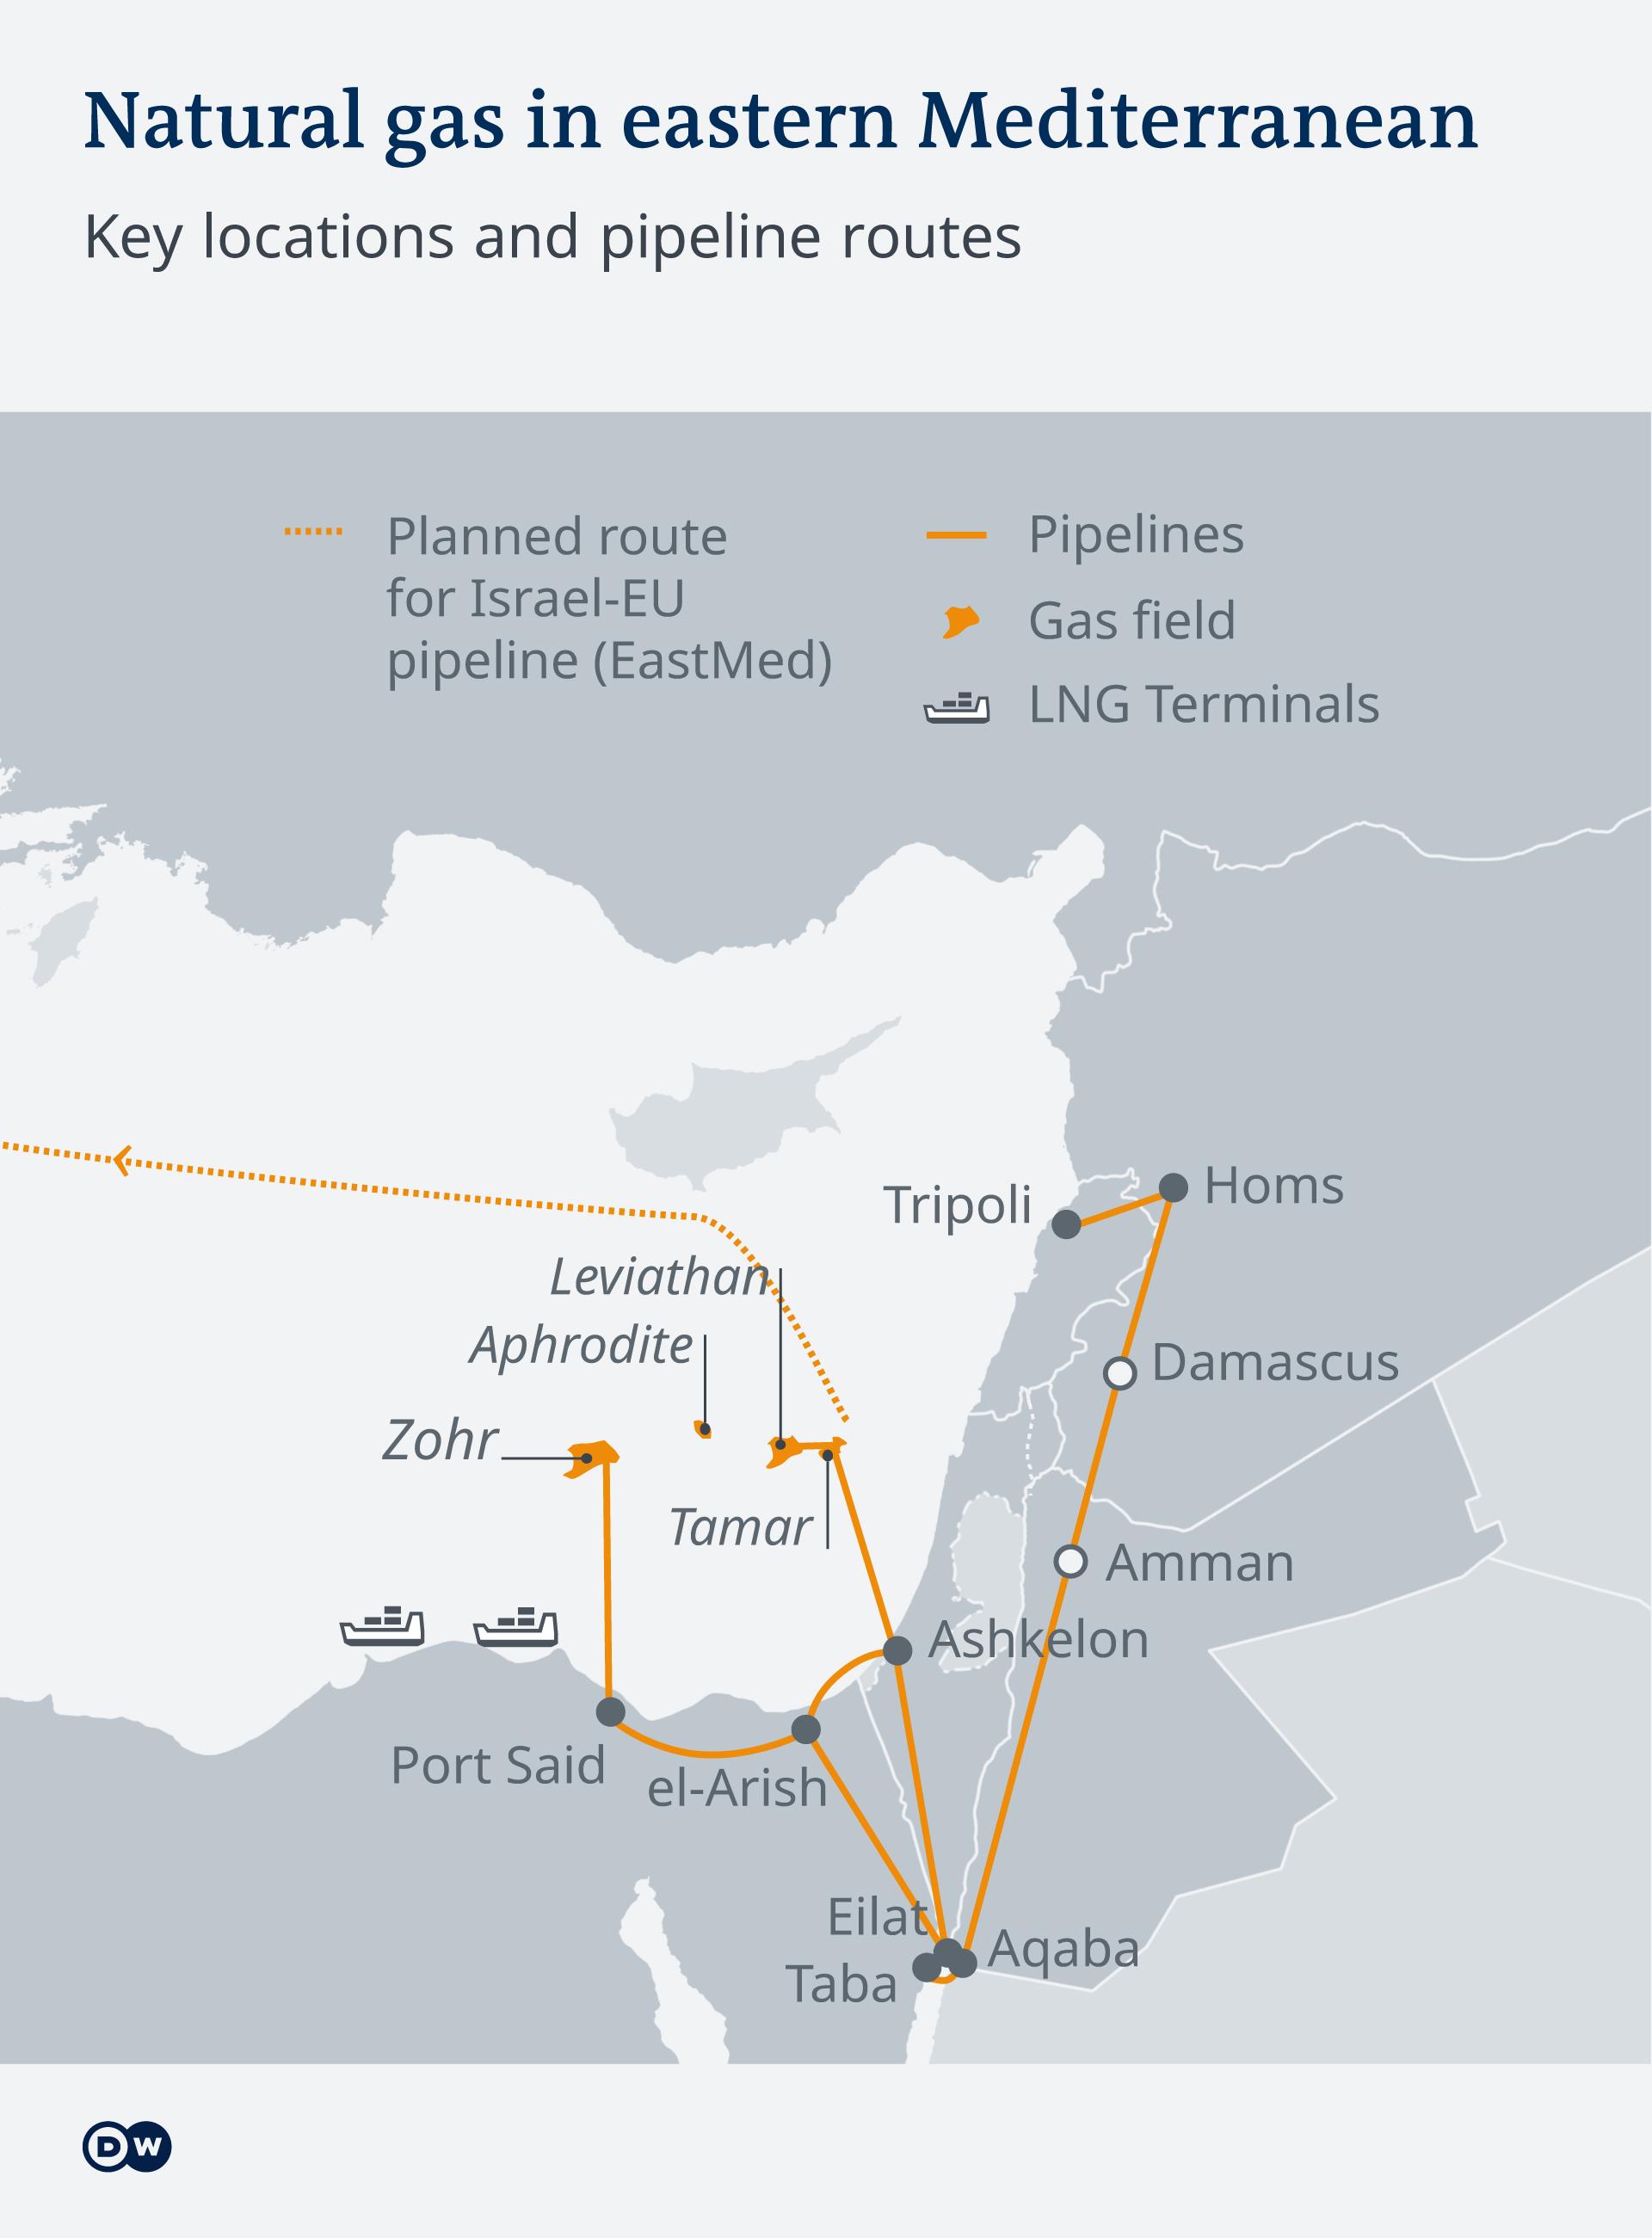 Postojeći i planirani plinovodi na istočnom Sredozemlju te nalazišta plina u Sredozemnom moru Zohr i Tamar.